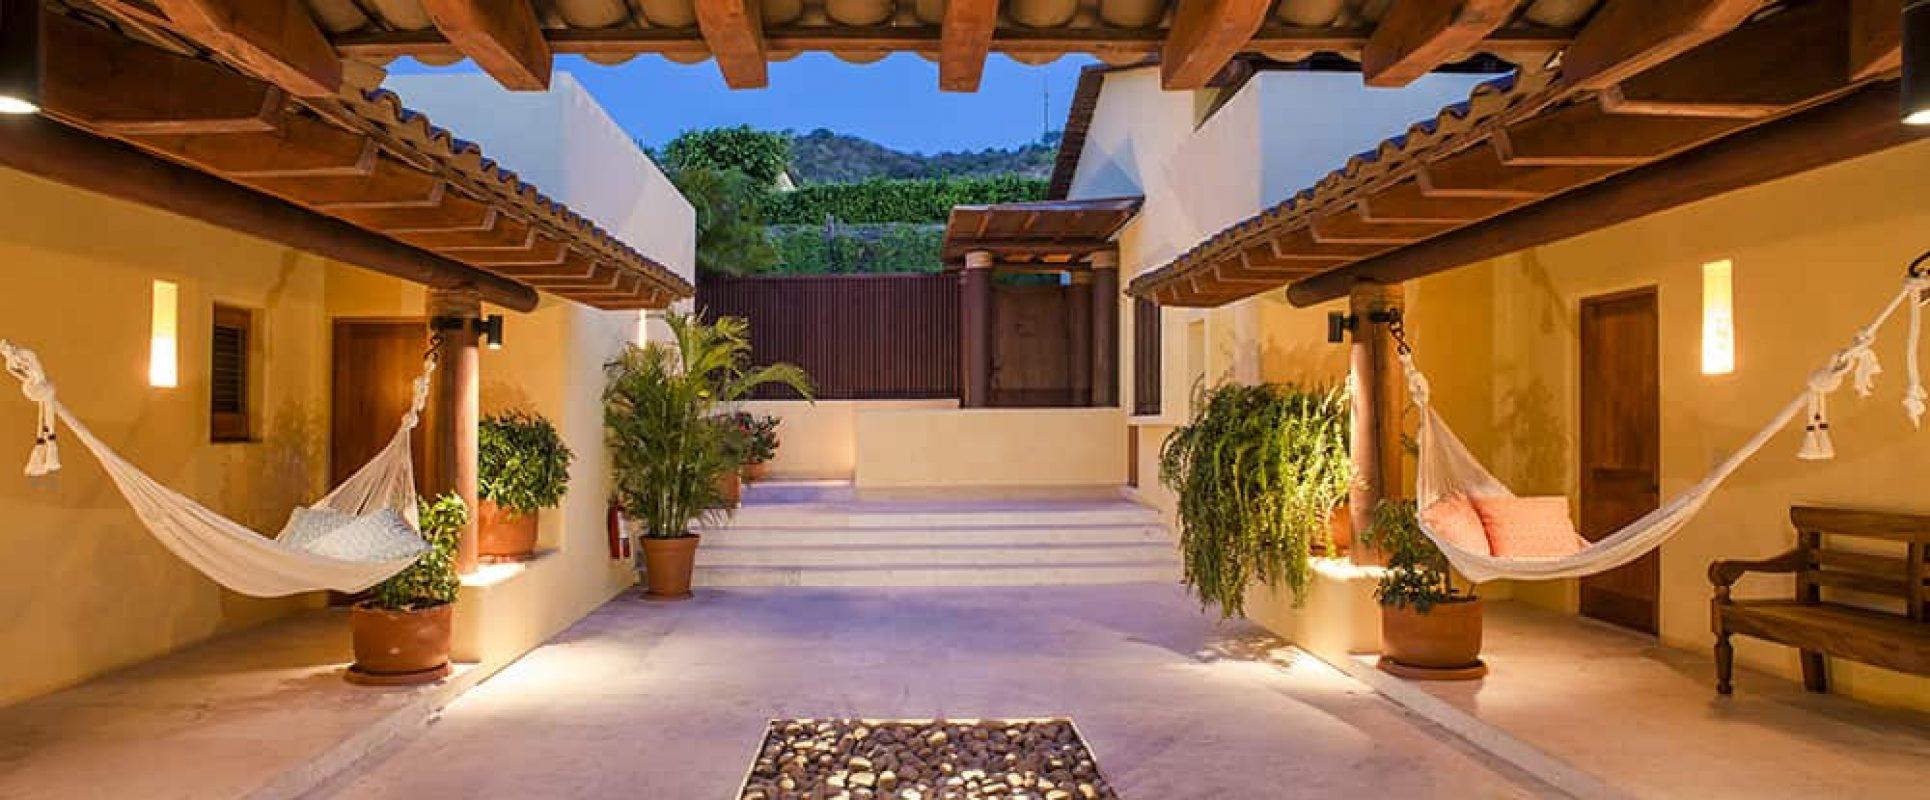 Four Seasons Private Villa Riva Photo